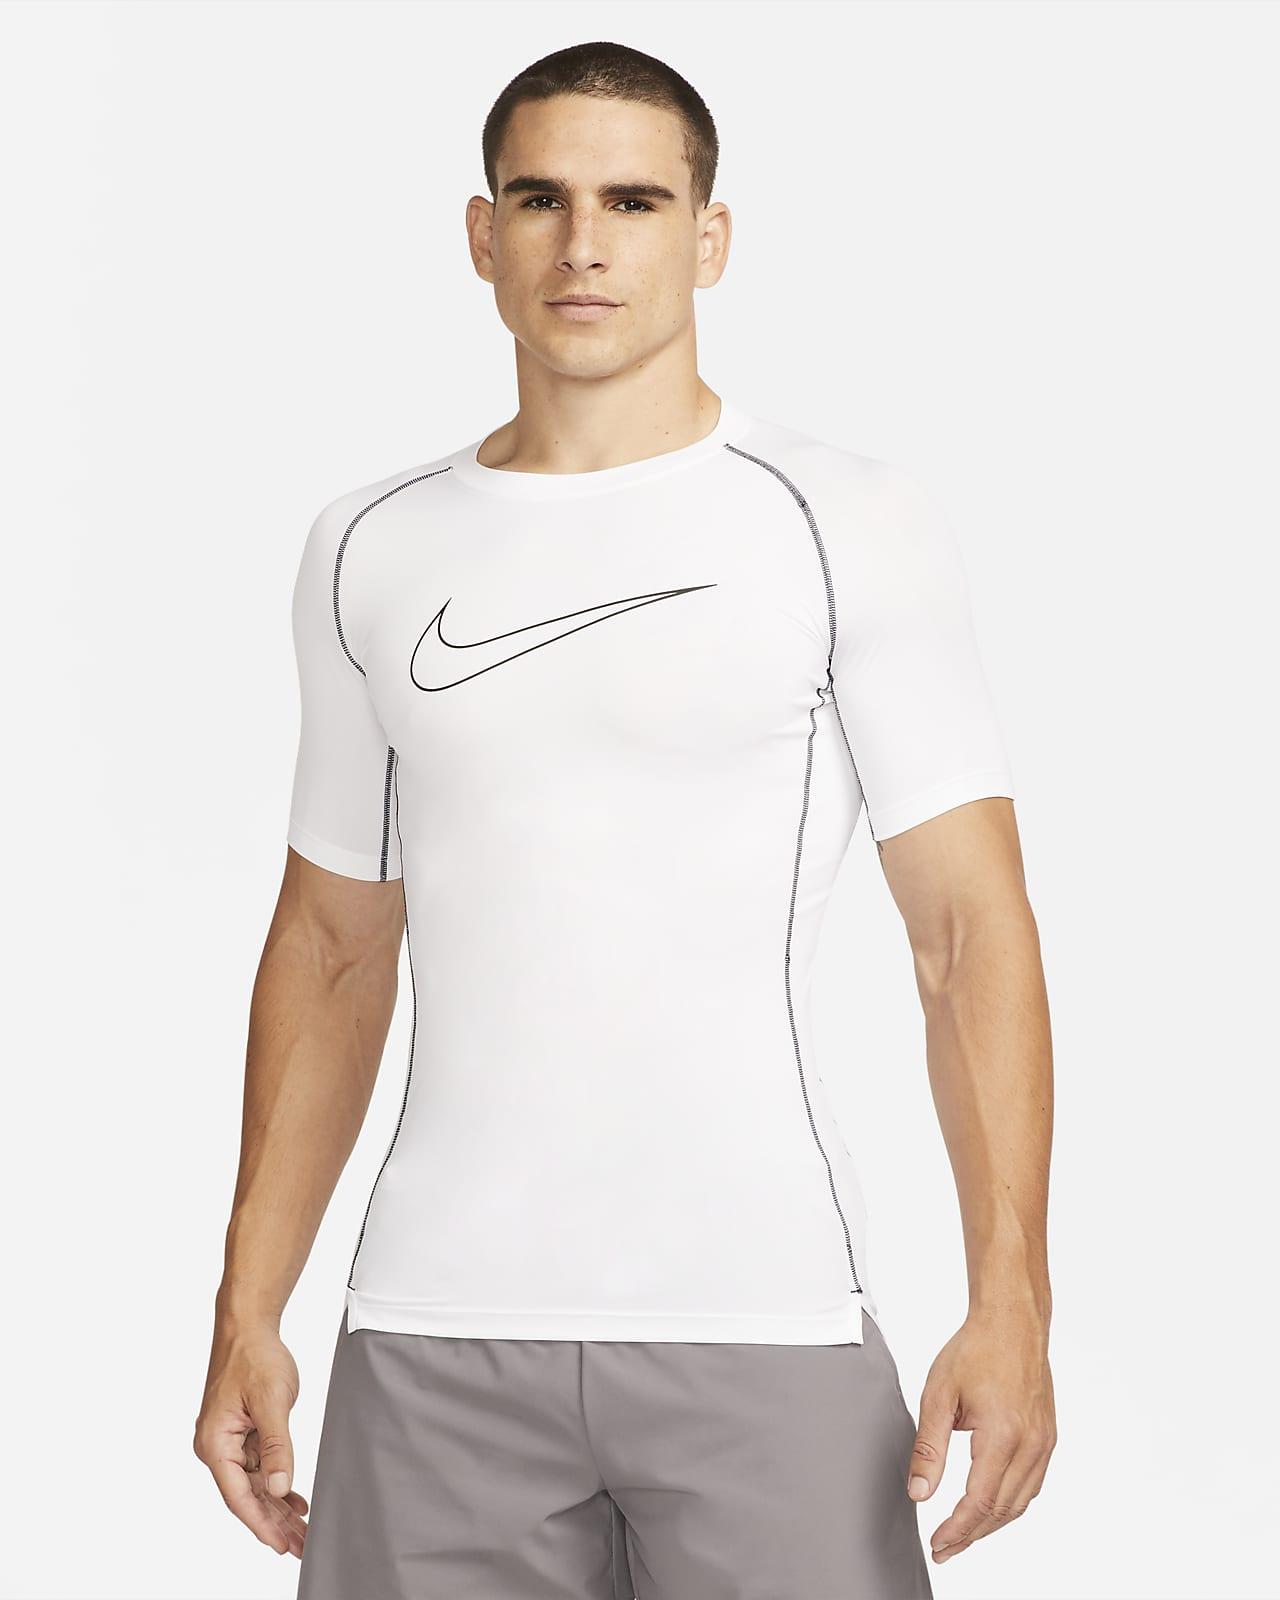 Pánské přiléhavé tričko Nike Pro Dri-FIT skrátkým rukávem